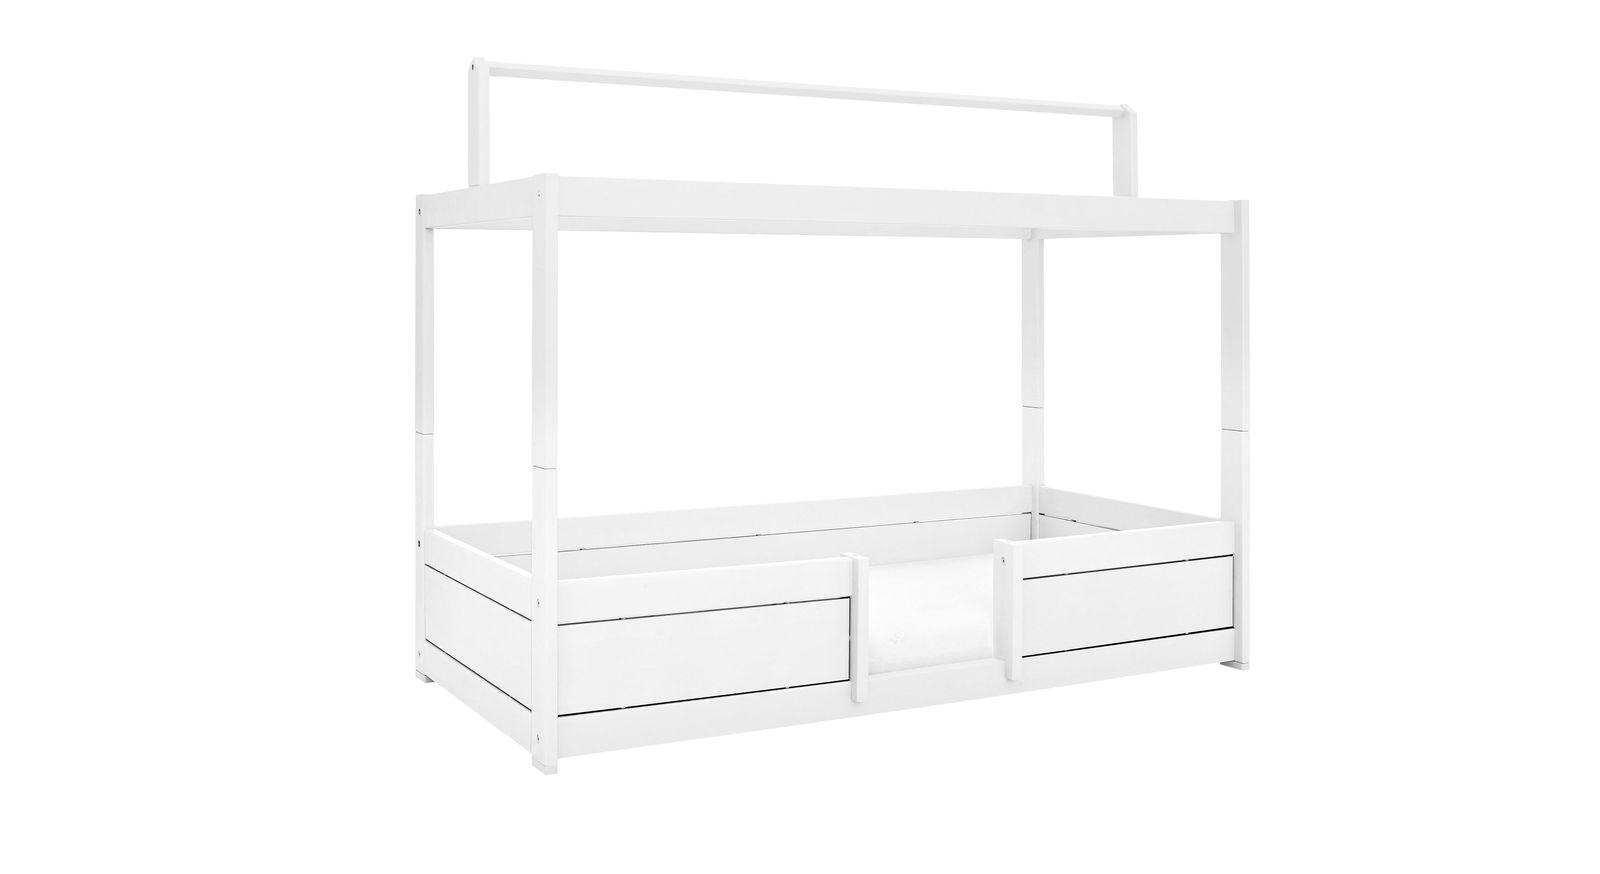 LIFETIME Kinderbetten 4-in-1 mit Dachfirst aus weiß lackierter Kiefer